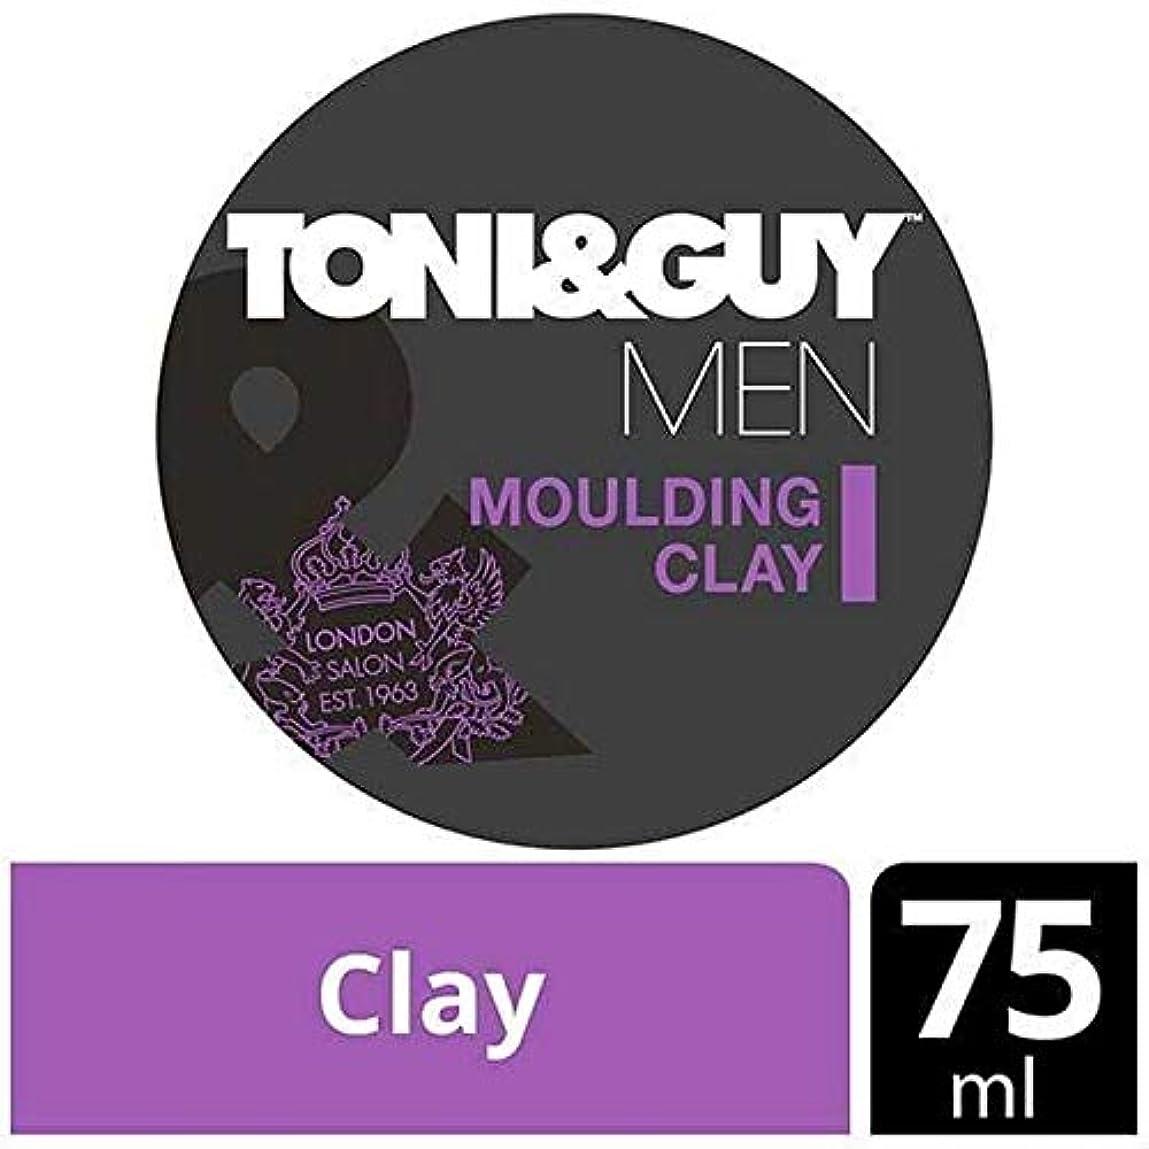 タイプライター一般的に言えばちょうつがい[Toni & Guy] トニ&男成型粘土 - Toni & Guy Moulding Clay [並行輸入品]